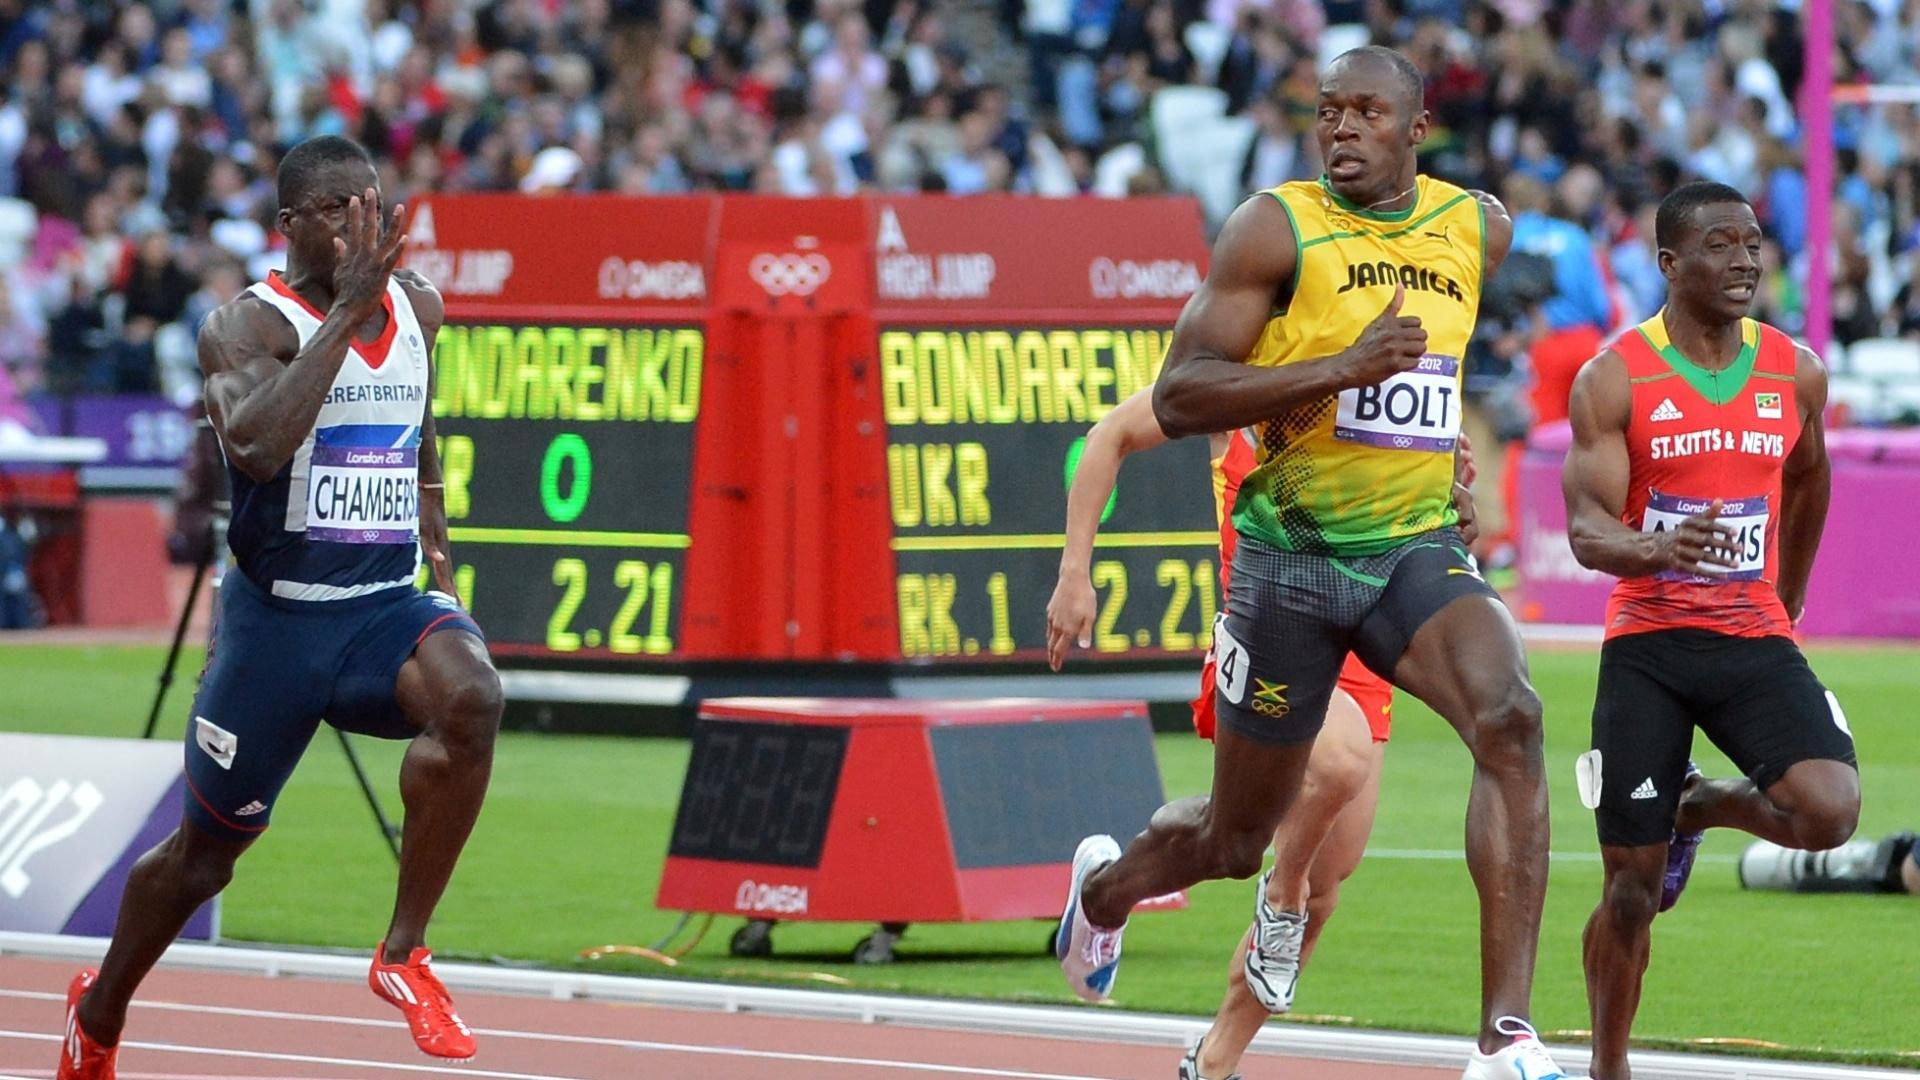 Já à frente dos demais competidores, Usain Bolt olha para o lado nos metros finais da semifinal dos 100 m rasos